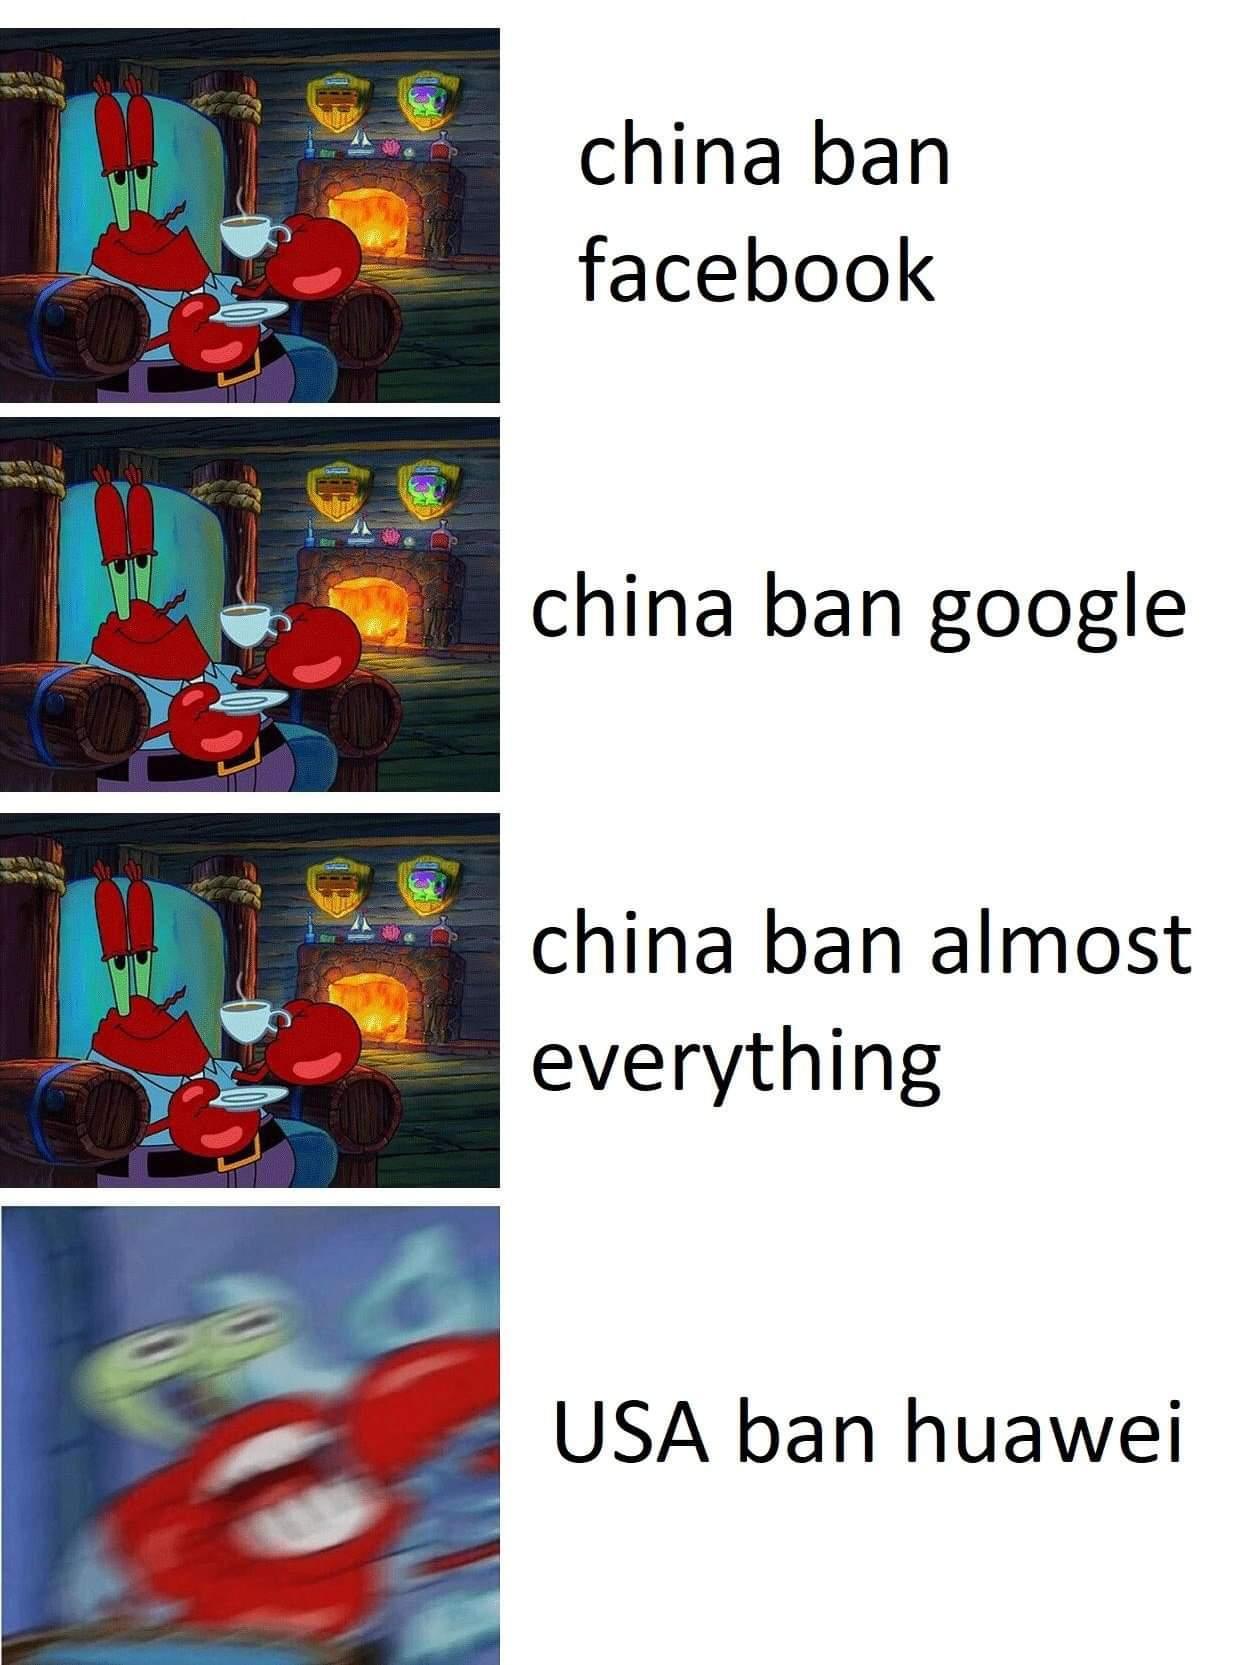 Huawei - meme